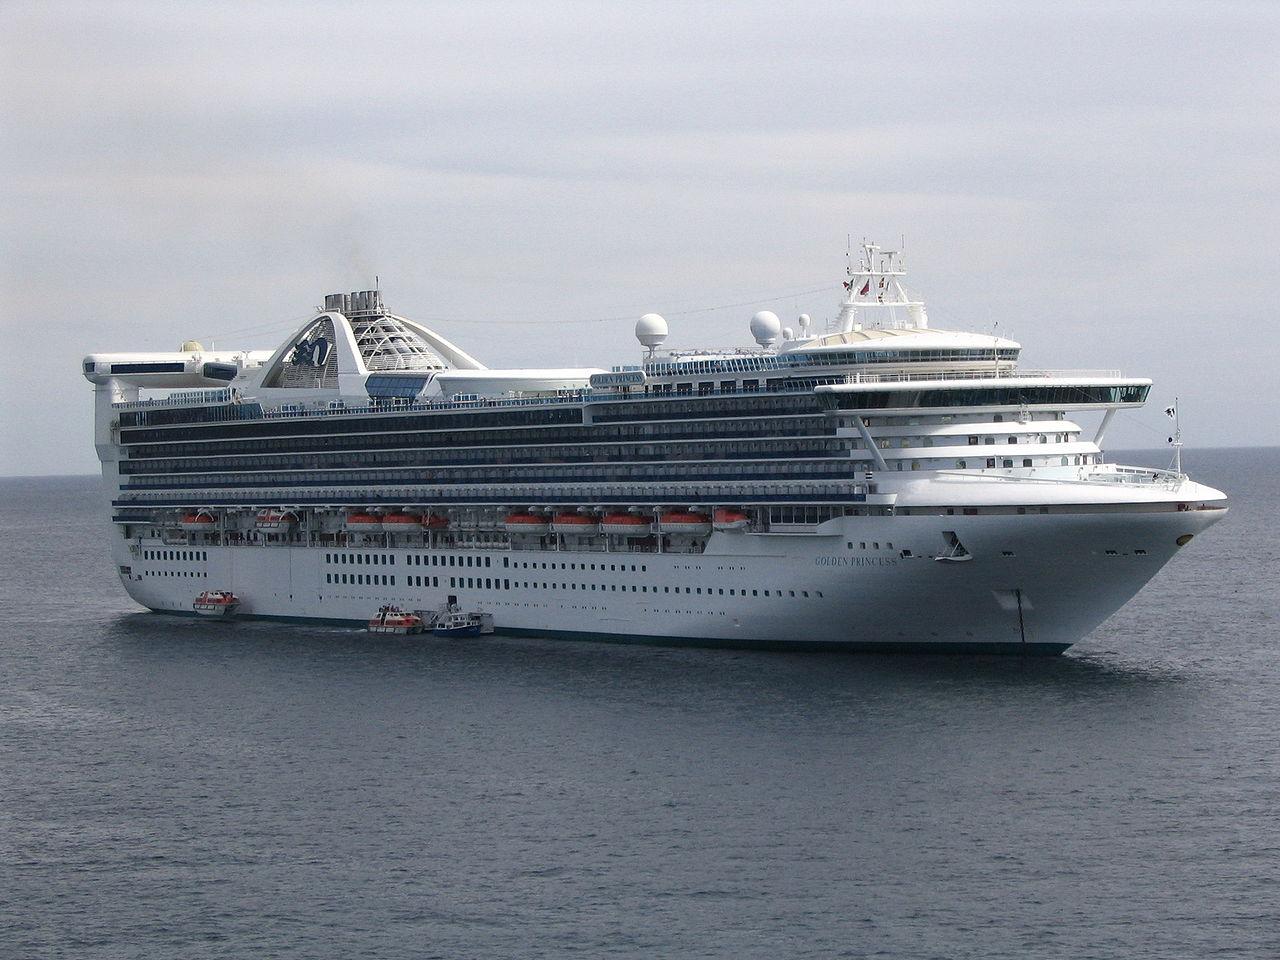 Auf der Golden Princess ist auf der Streckevon Auckland nach Melbourne ein 22-jähriger Passagier über Bord gegangen. Der Mann wird vermisst.